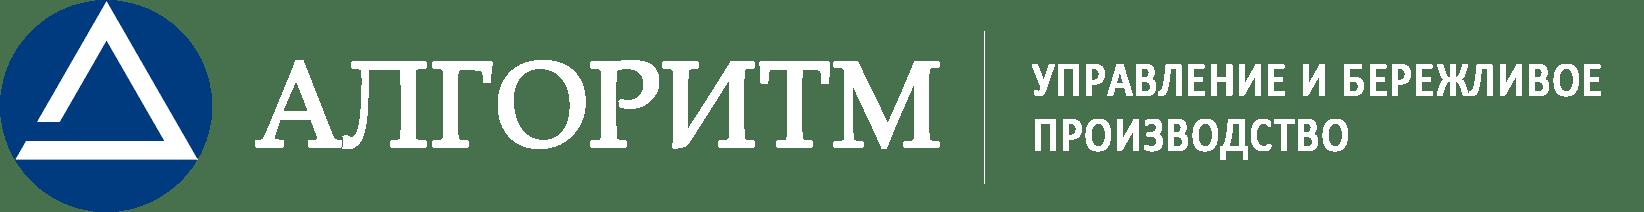 Алгоритм - управление и бережливое производство